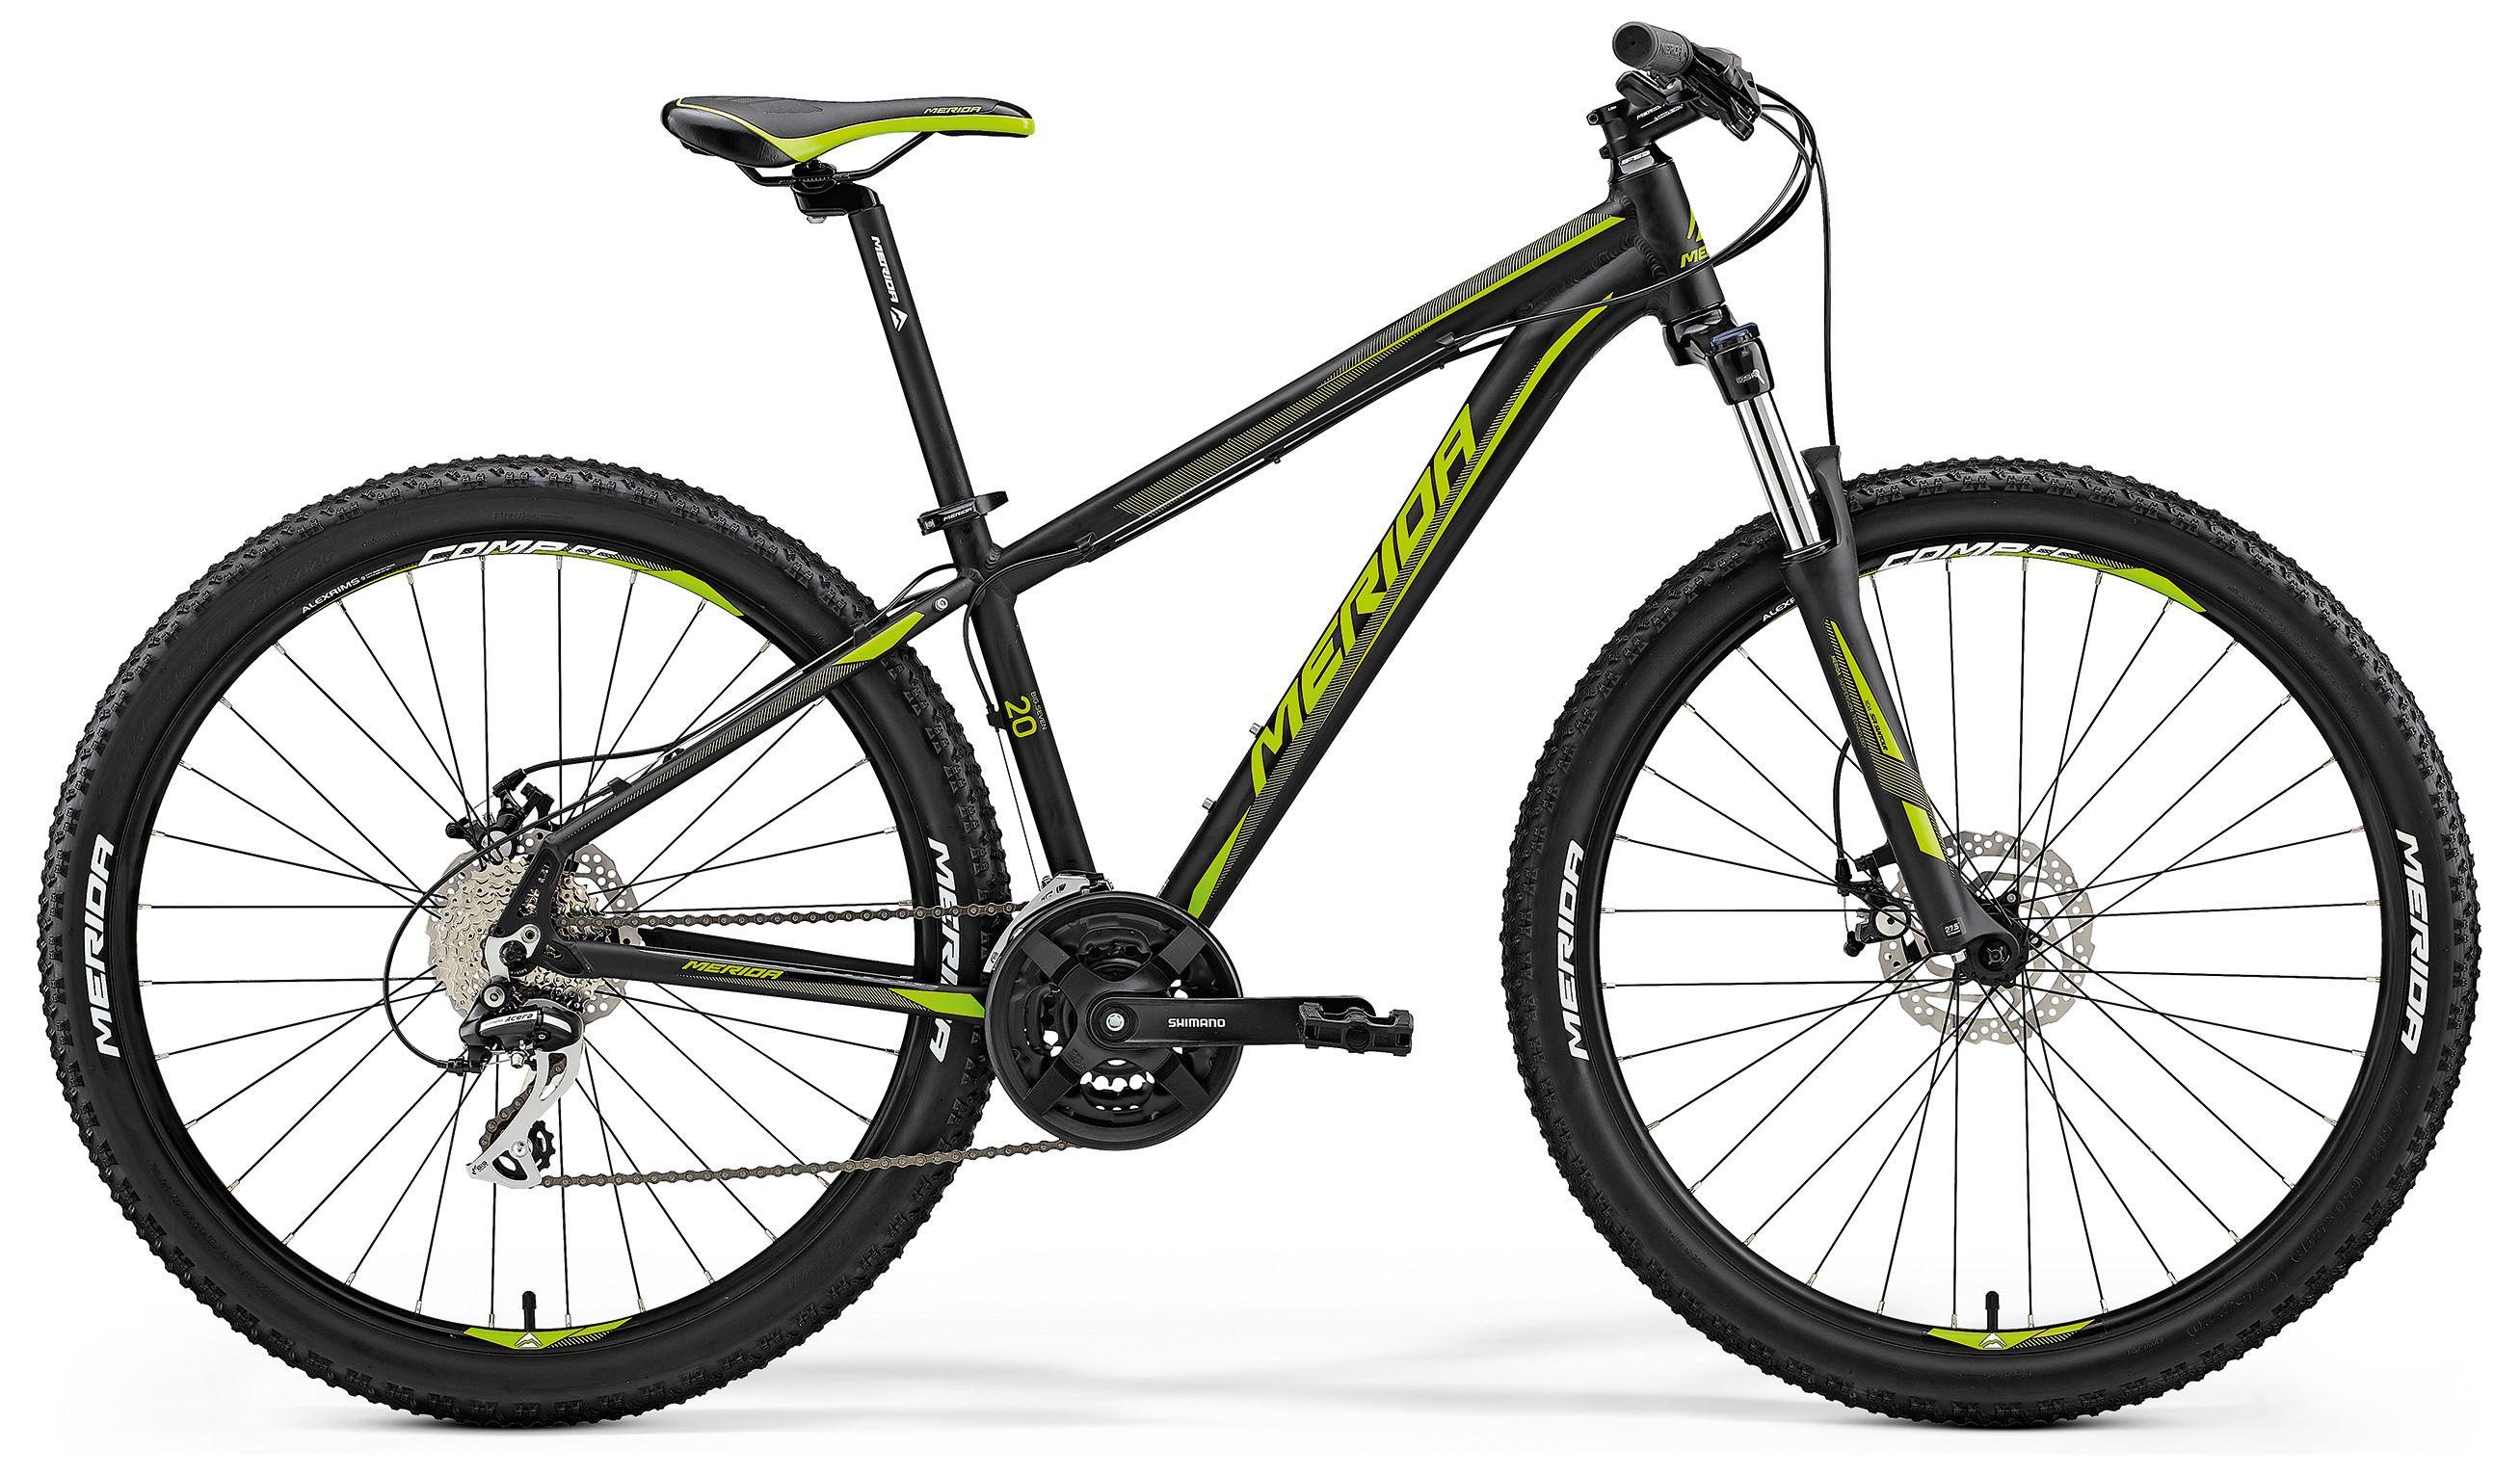 Велосипед Merida Big.Seven 20-MD 2018 selle royal посмотрите в основном седле велосипеда sr mountain велоспорт складное место для велосипеда